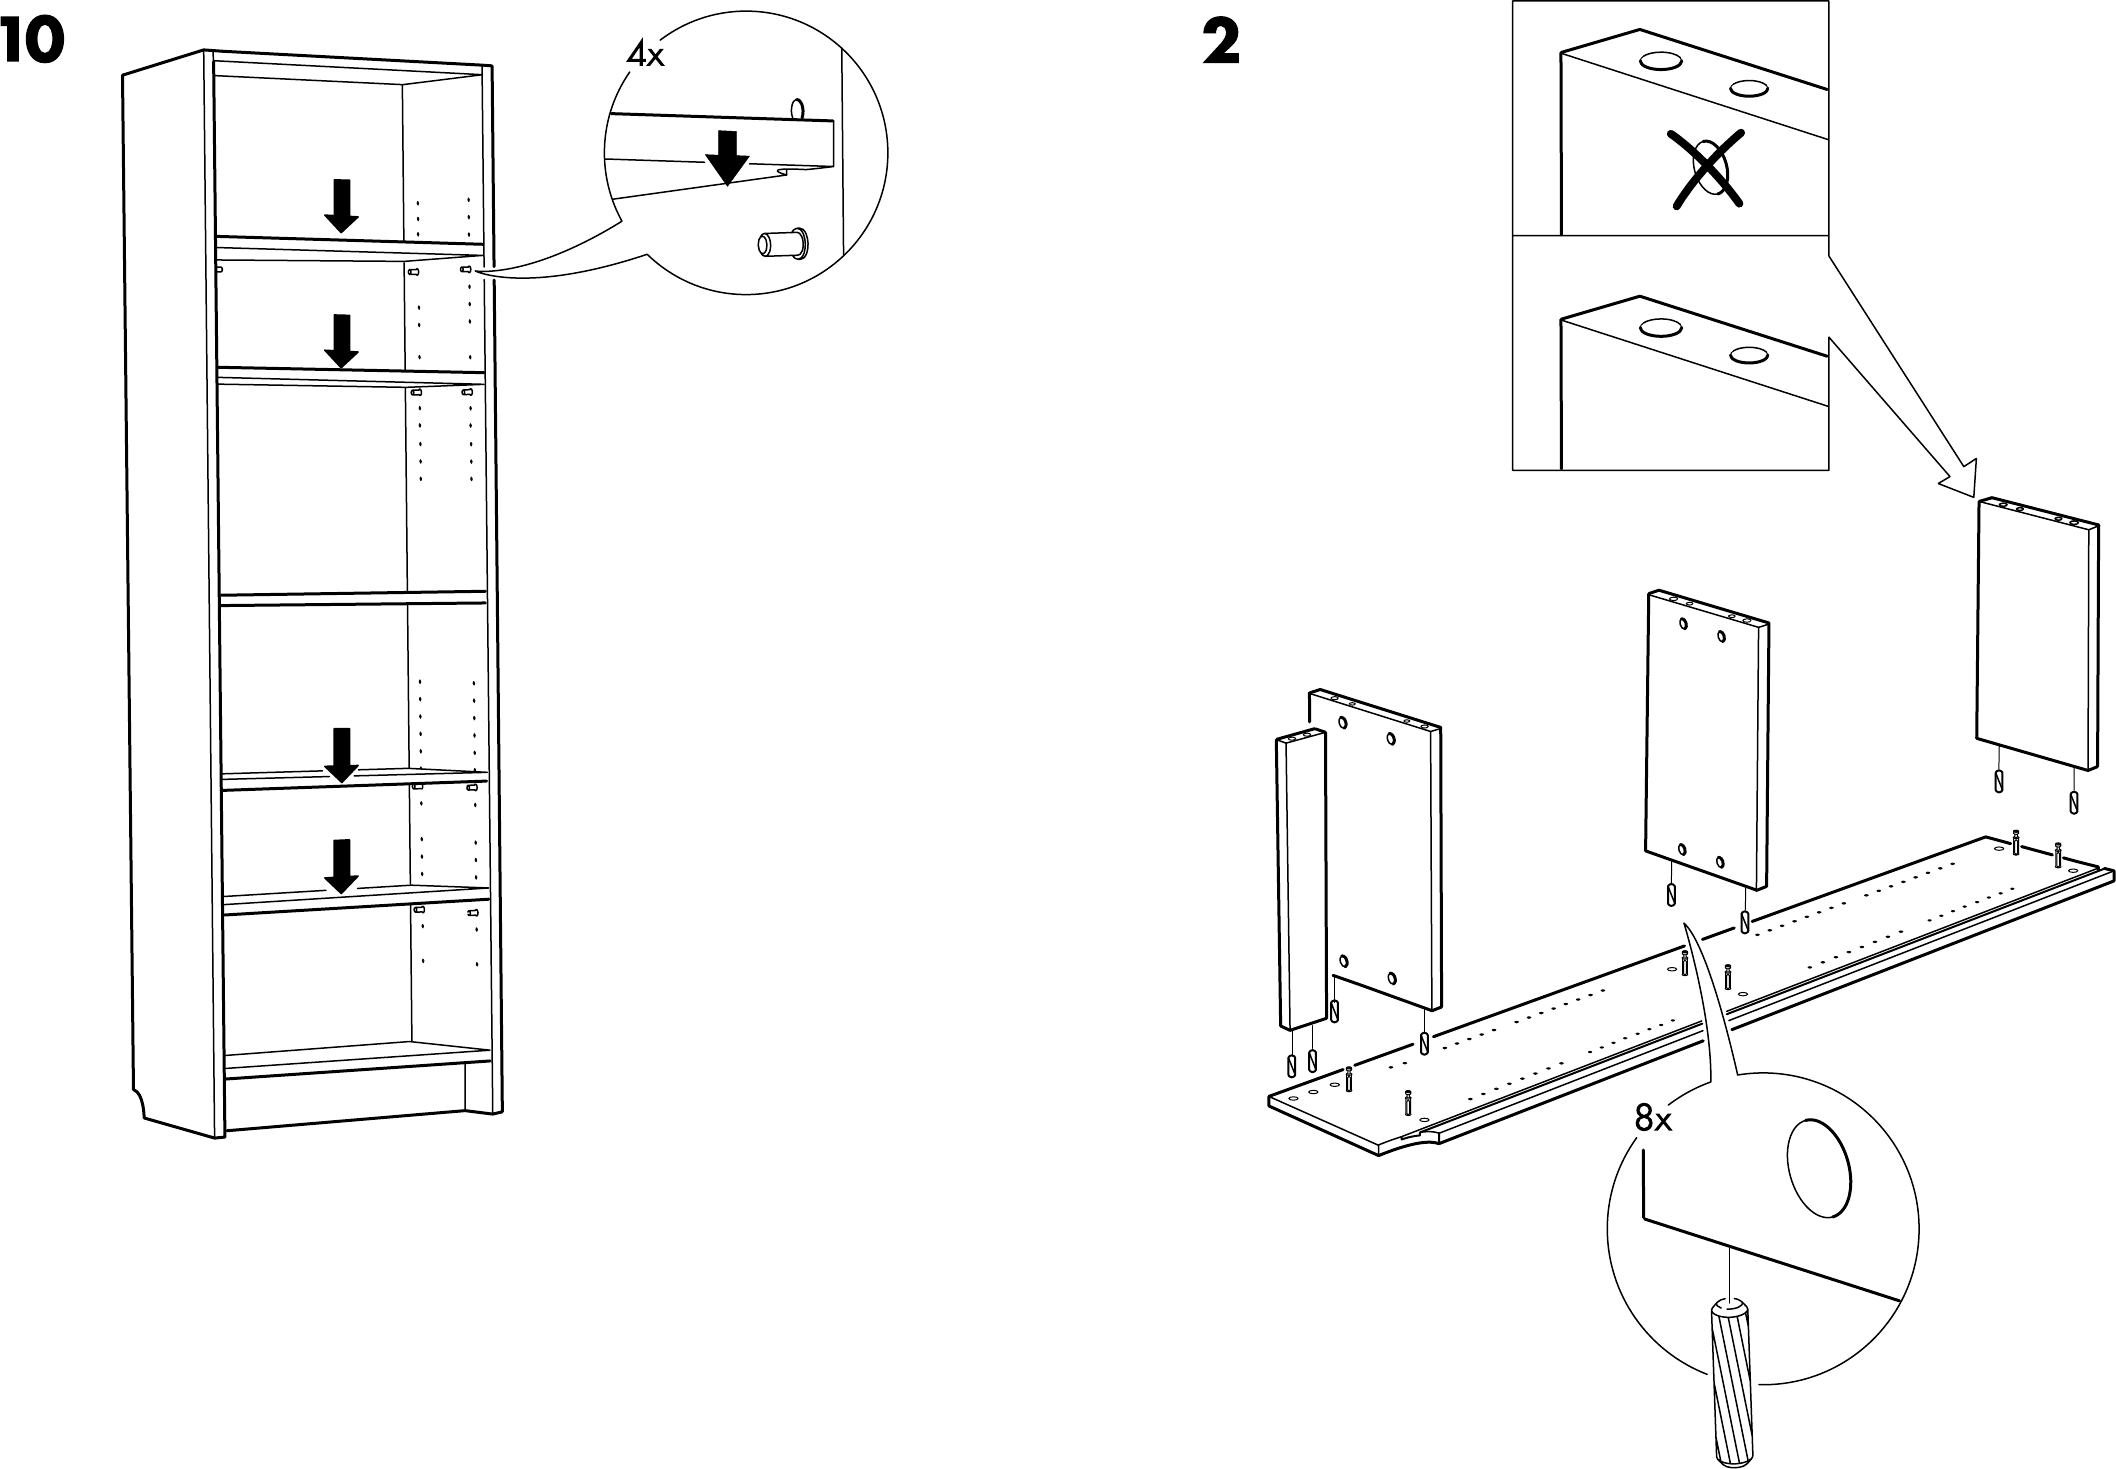 Handleiding Ikea Billy boekenkast 2 (pagina 4 van 8) (Dansk, Deutsch ...